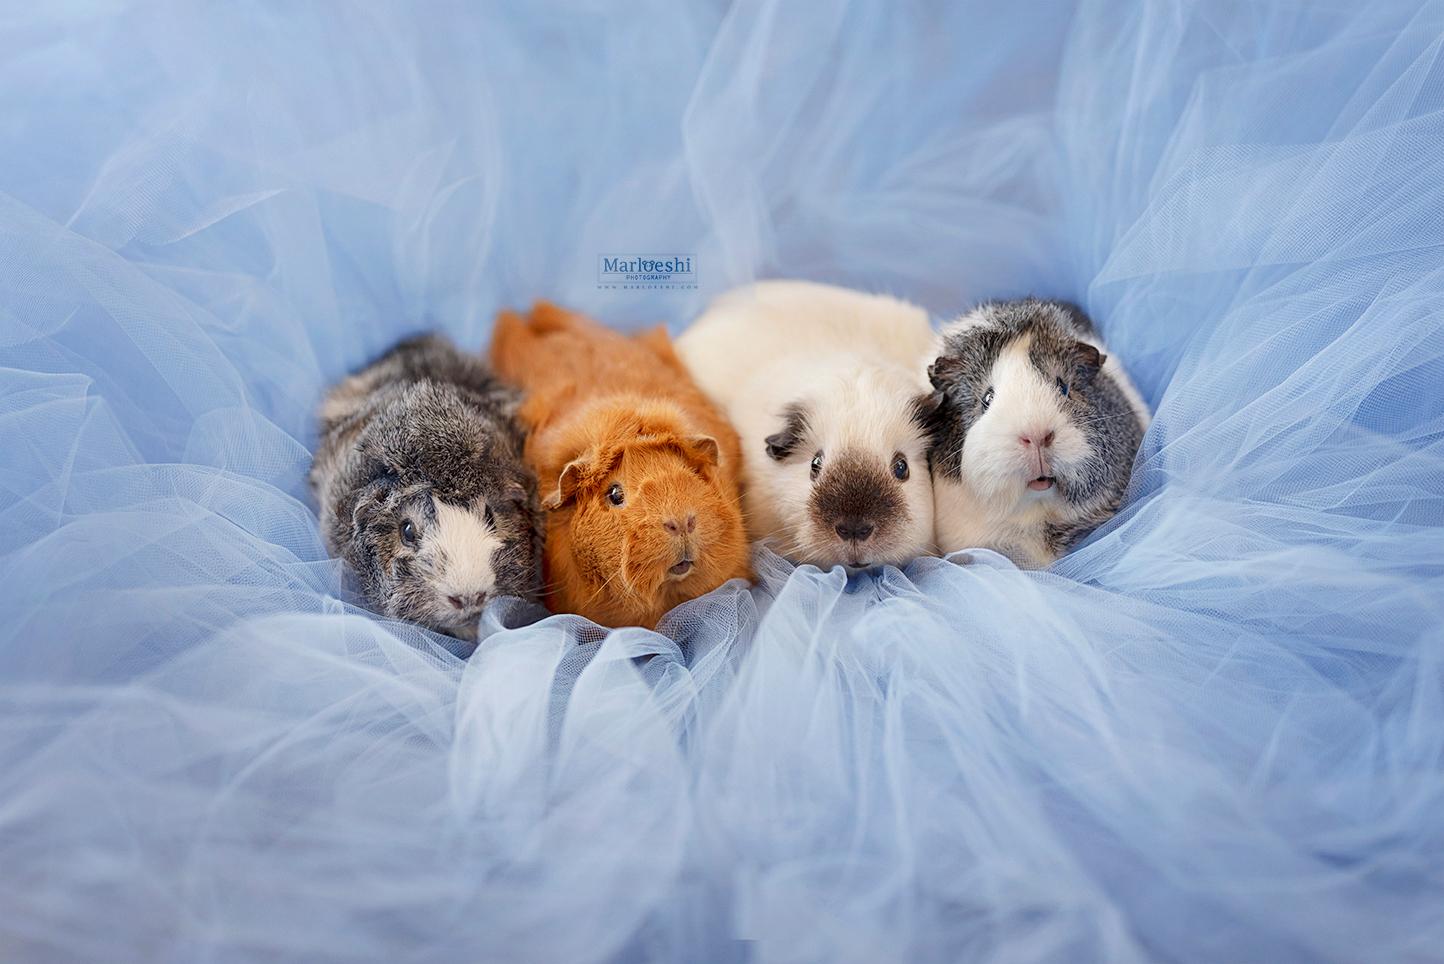 mieps the guinea pig